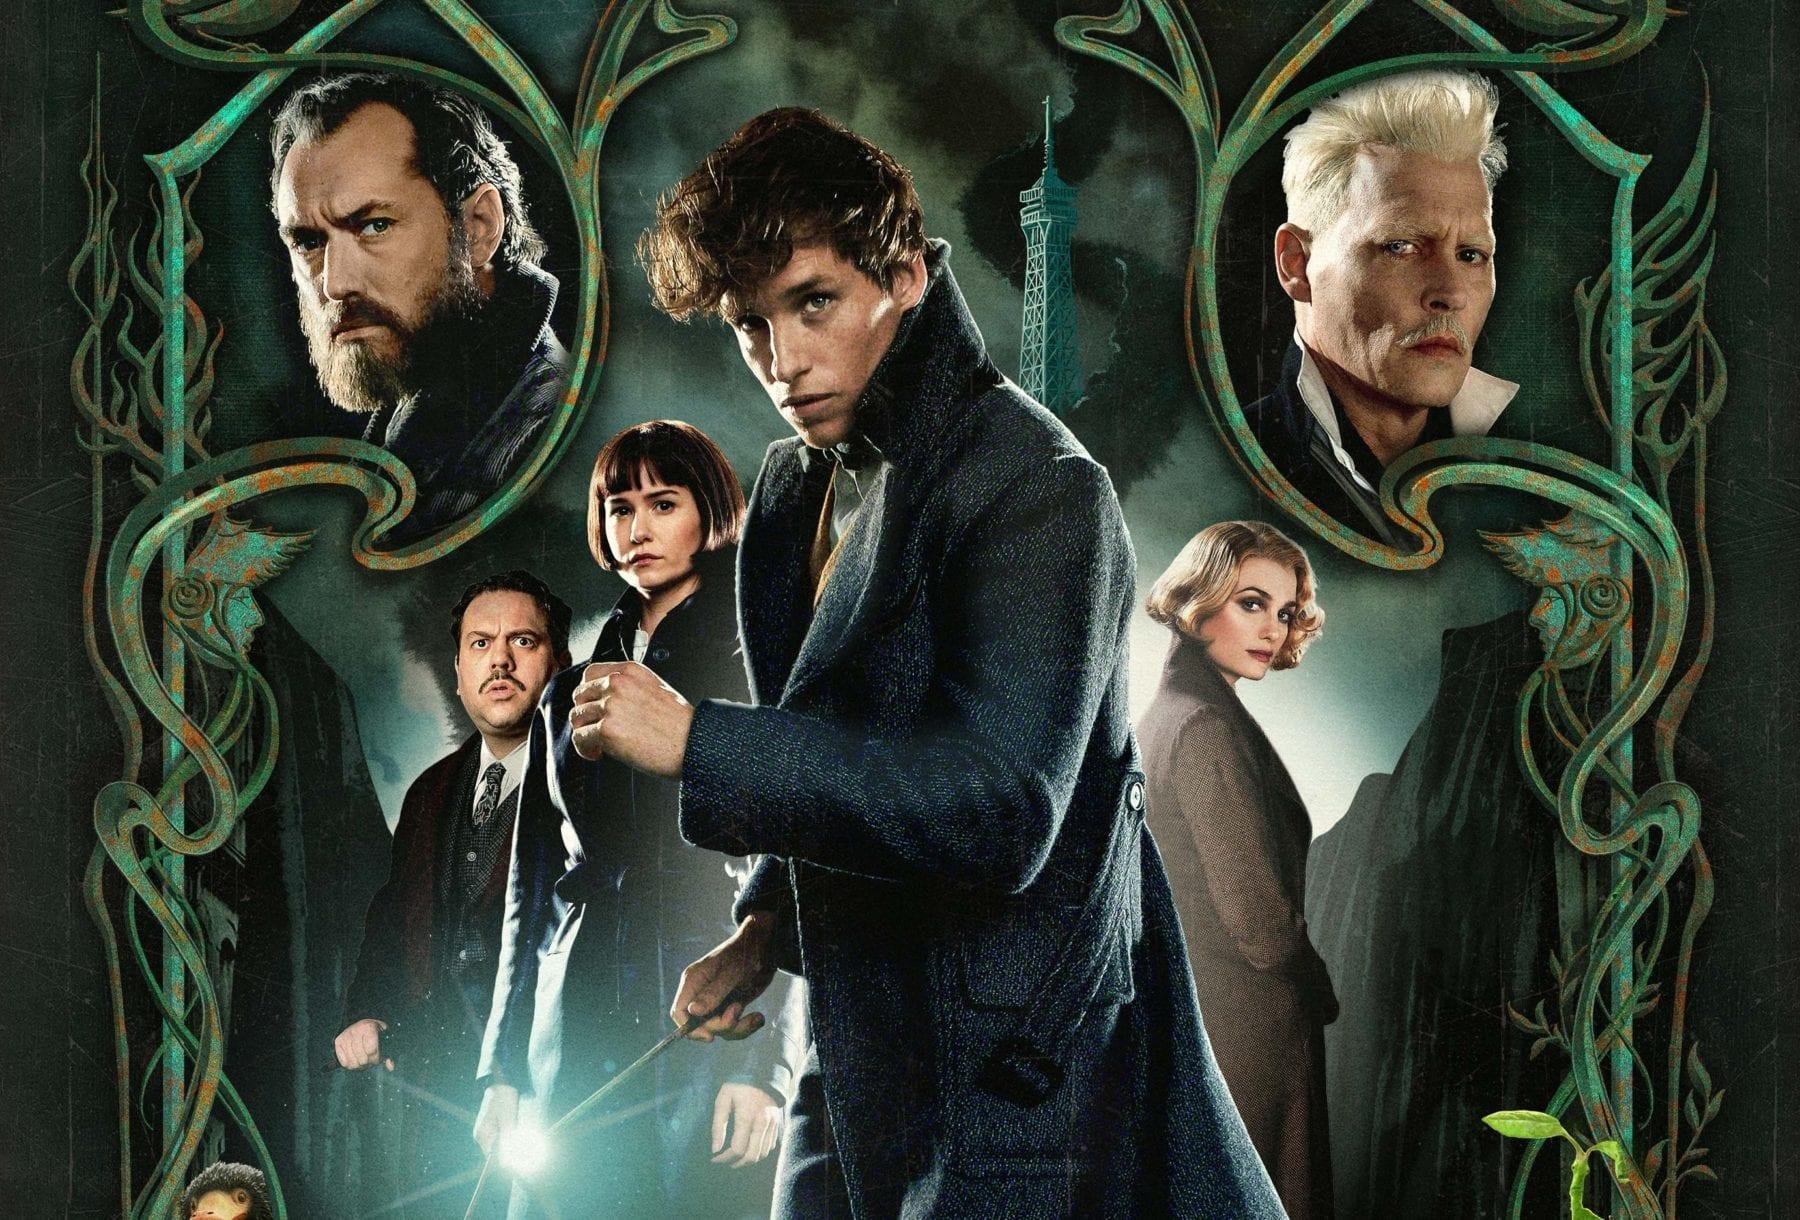 La fecha de lanzamiento de Fantastic Beasts 3 se remonta a 2021